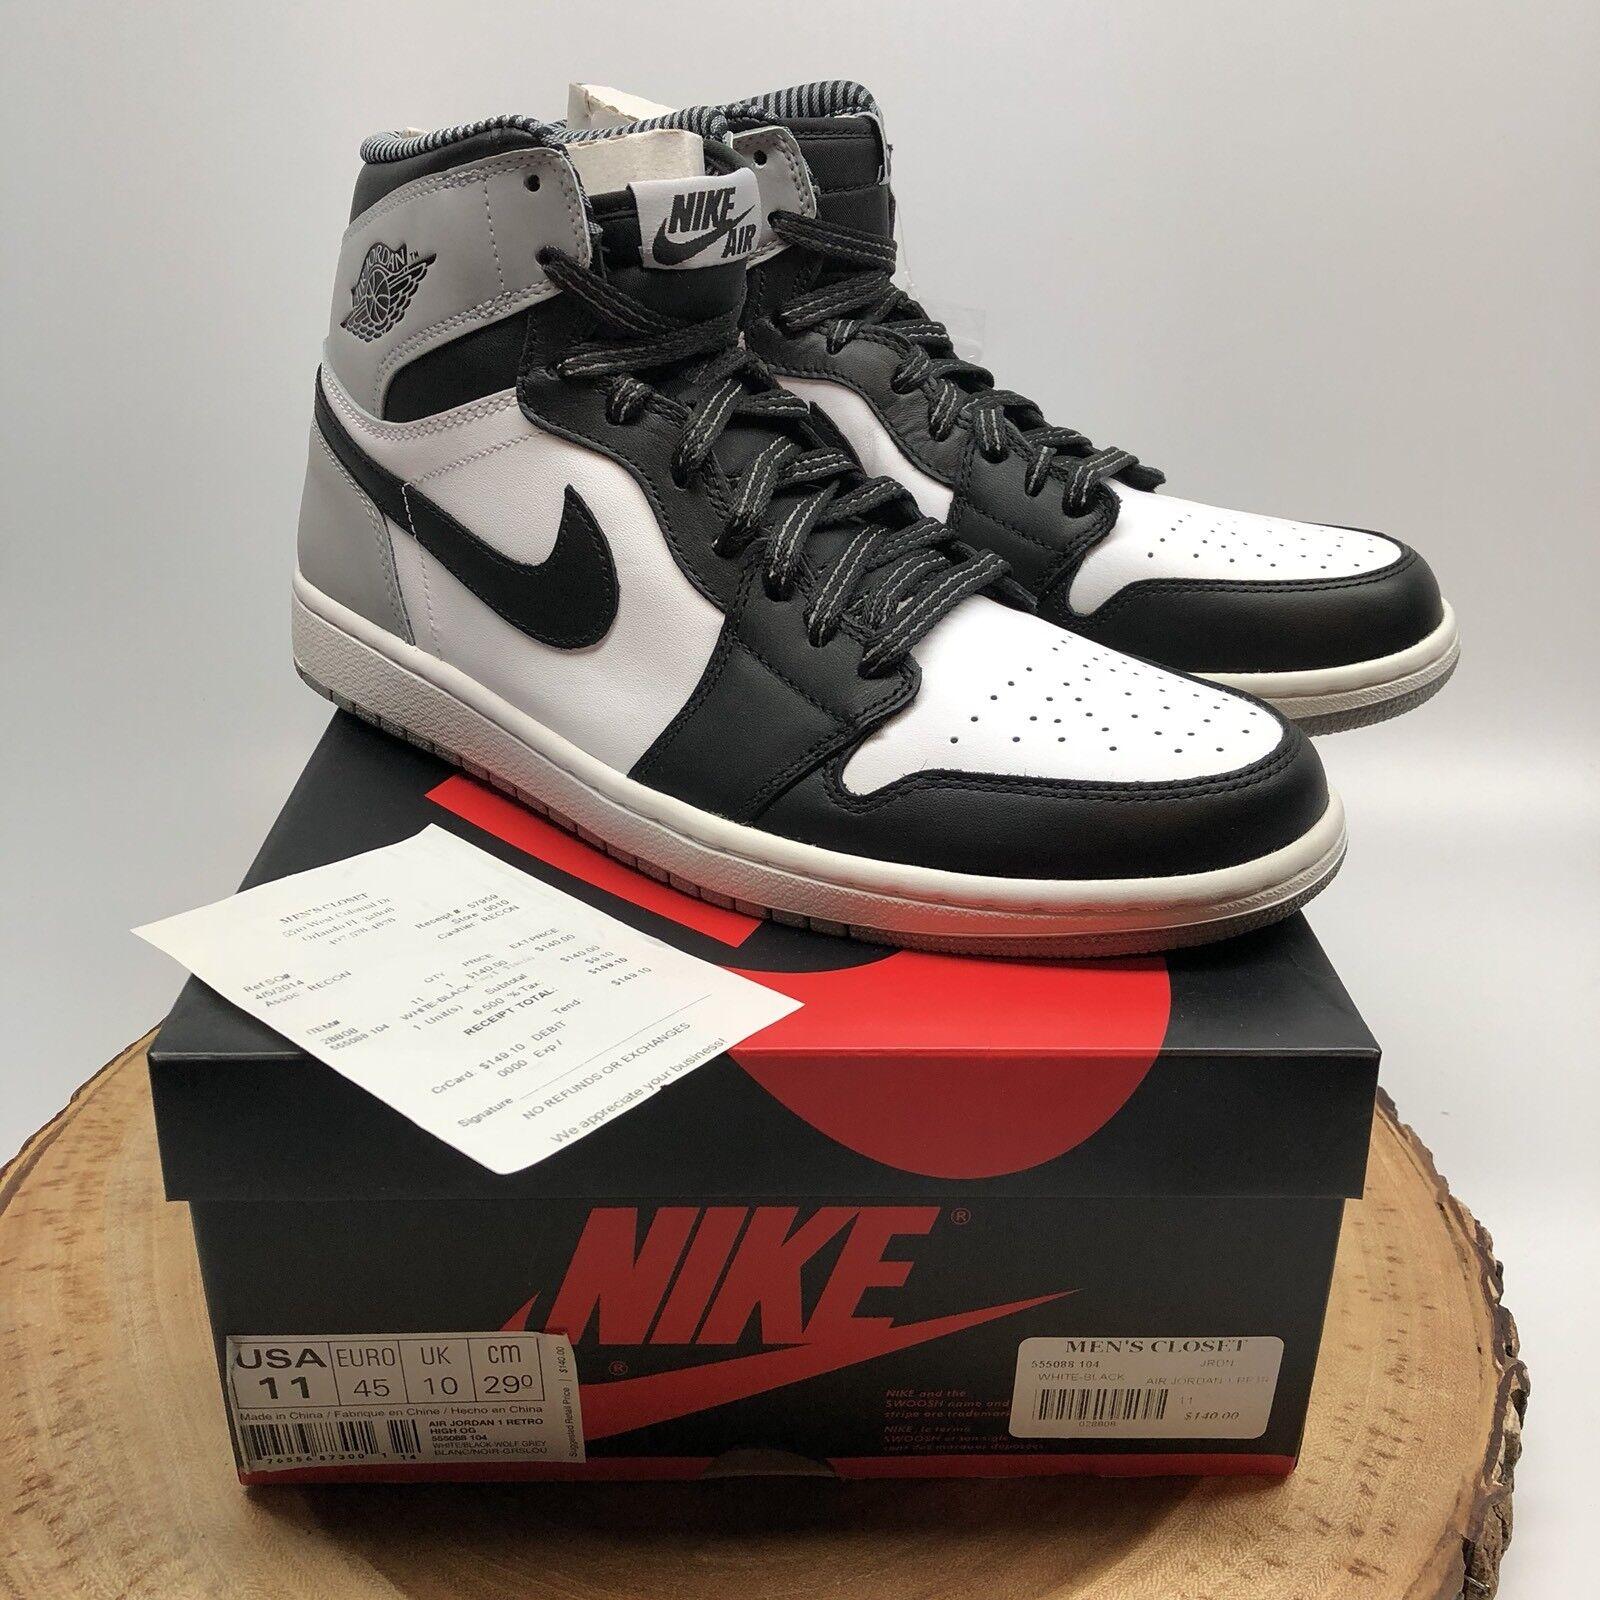 huge selection of 54441 942a5 Nike Air Jordan Retro me High og og High Barons Negro Wolf Gris 555088 104  comodo precio de temporada corta, beneficios de descuentos 0e5b41